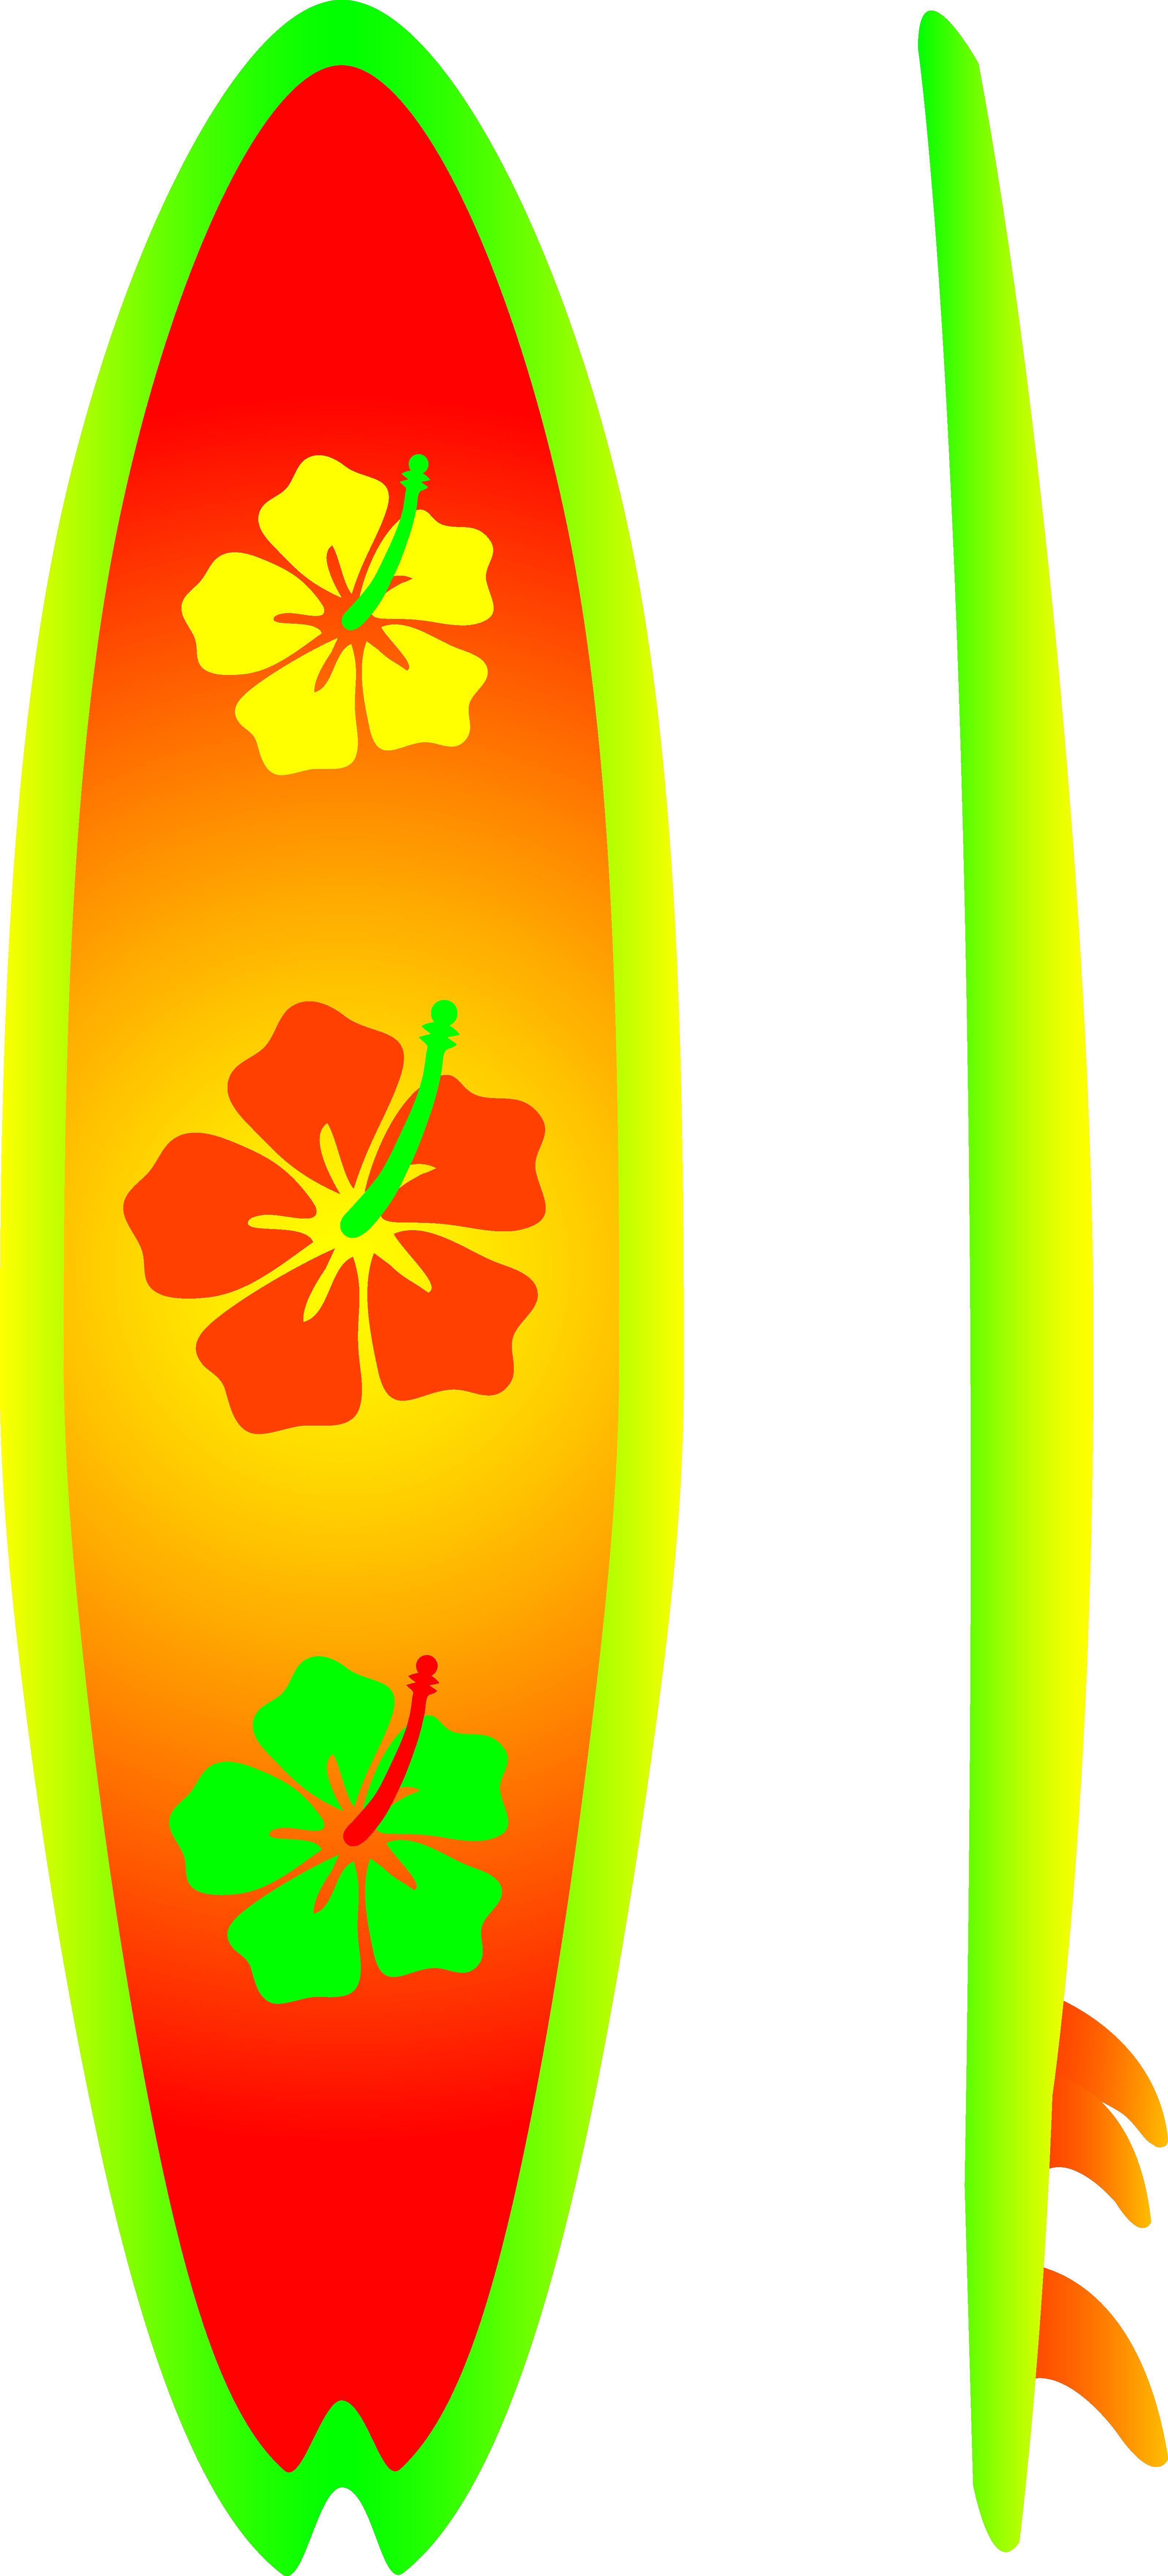 Surfboard Clip Art Illustrations.